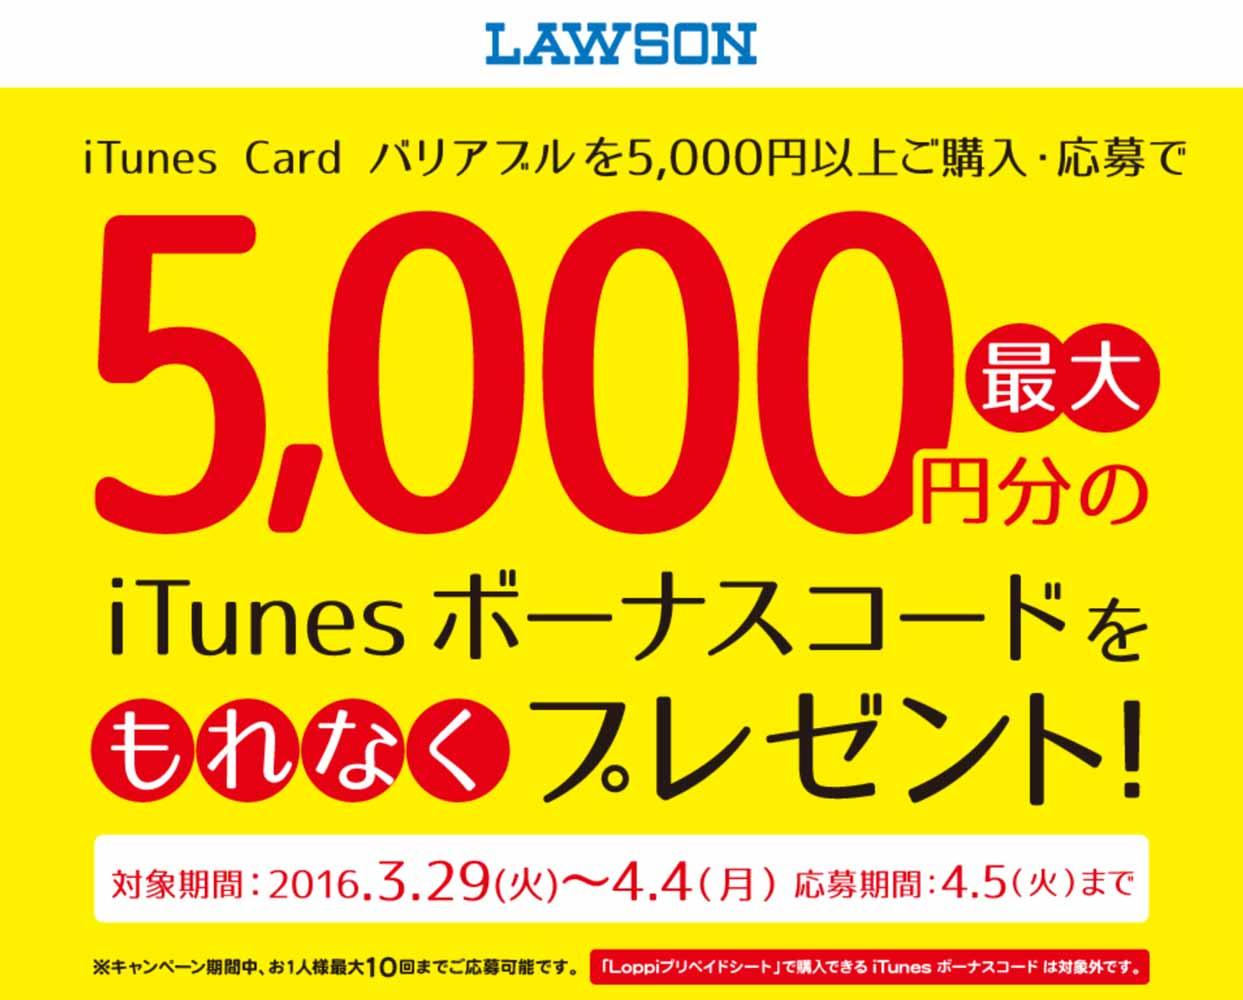 ローソン、「iTunes Card バリアブル」5,000円以上購入でiTunesコードをプレゼントするキャンペーンを実施中(2016年4月4日まで)